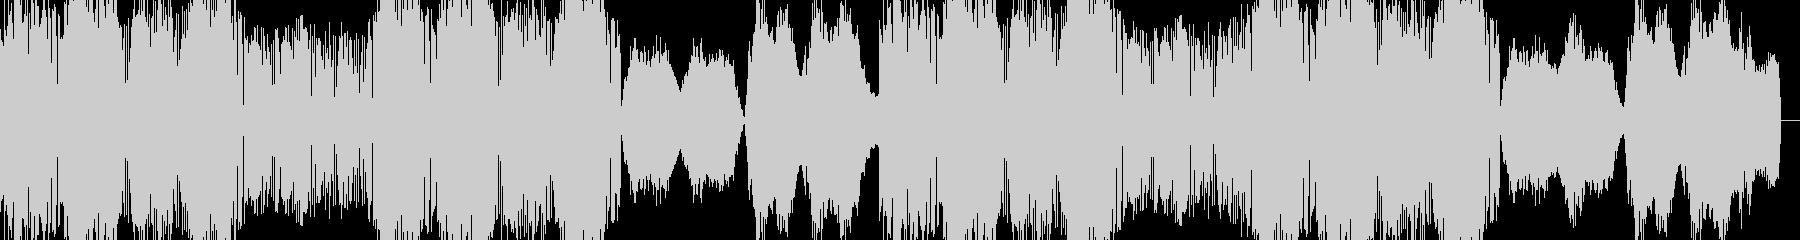 奇抜なドラムンベースのシンセトラックの未再生の波形